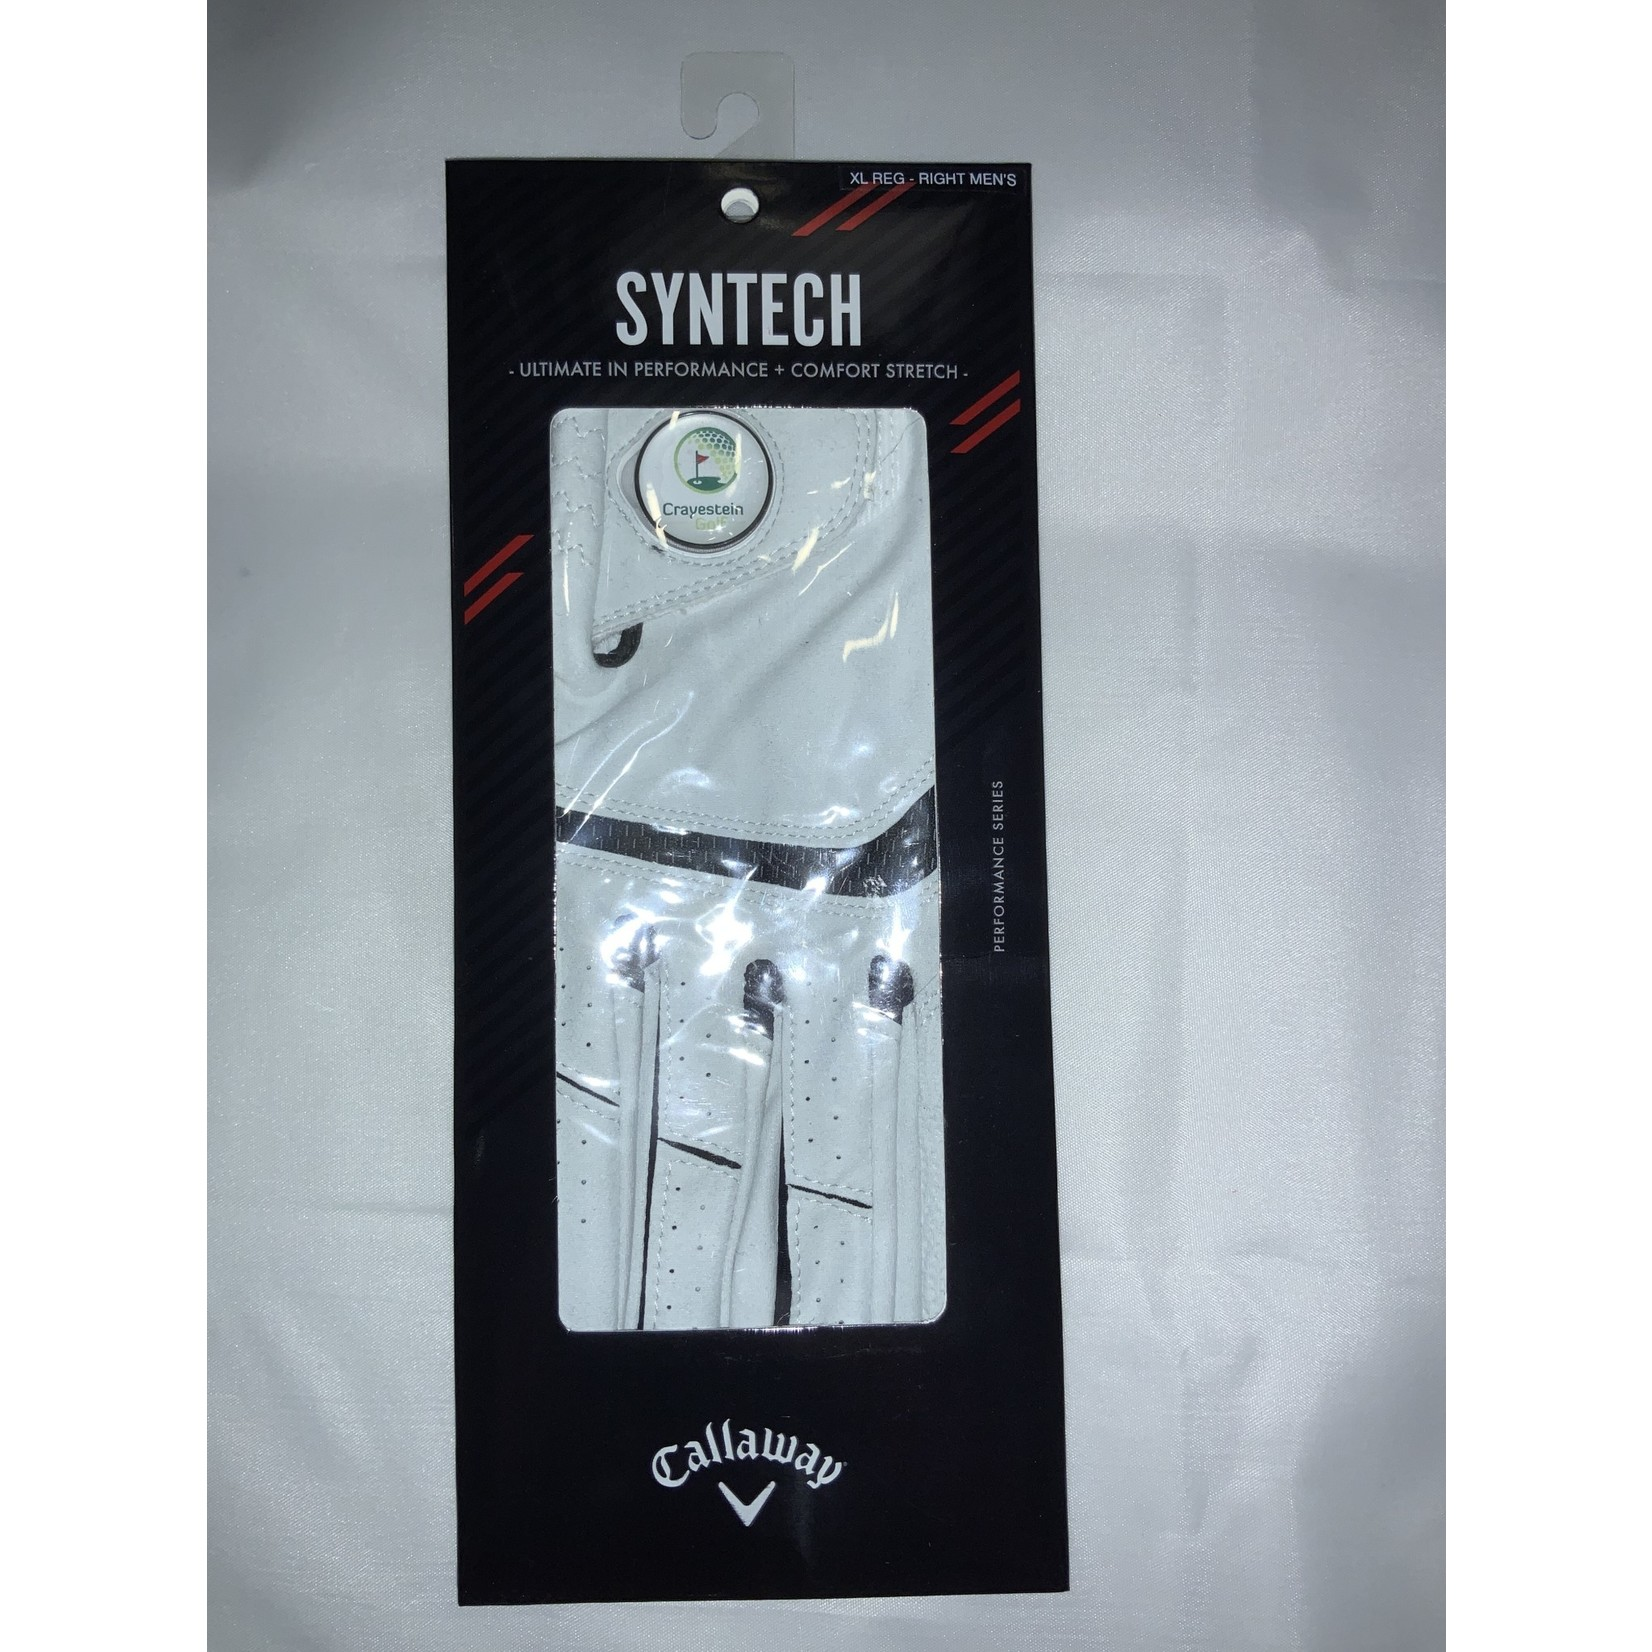 Callaway Callaway Syntech Glove Mens (right hand)